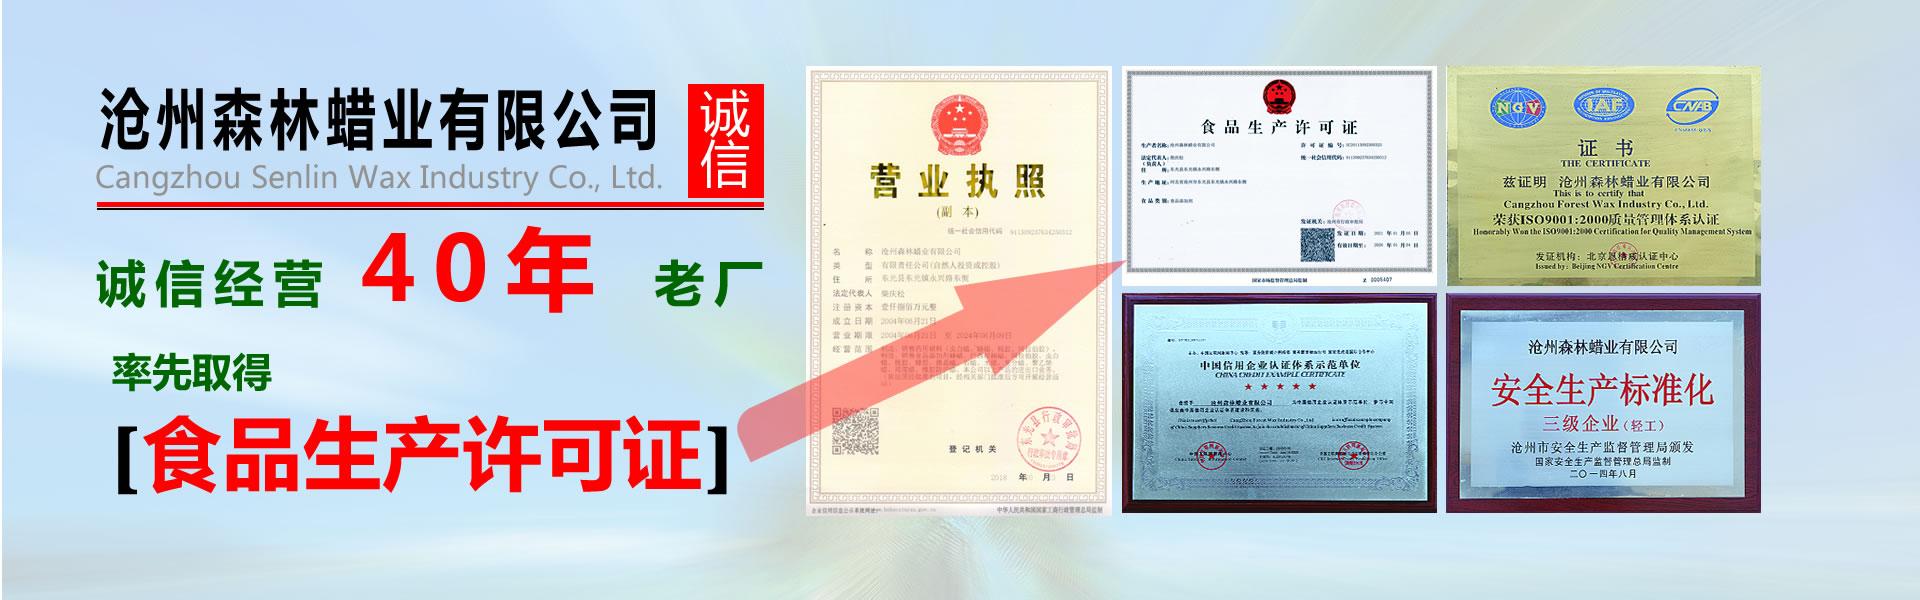 微晶蜡,微晶蜡,食品生产许可证